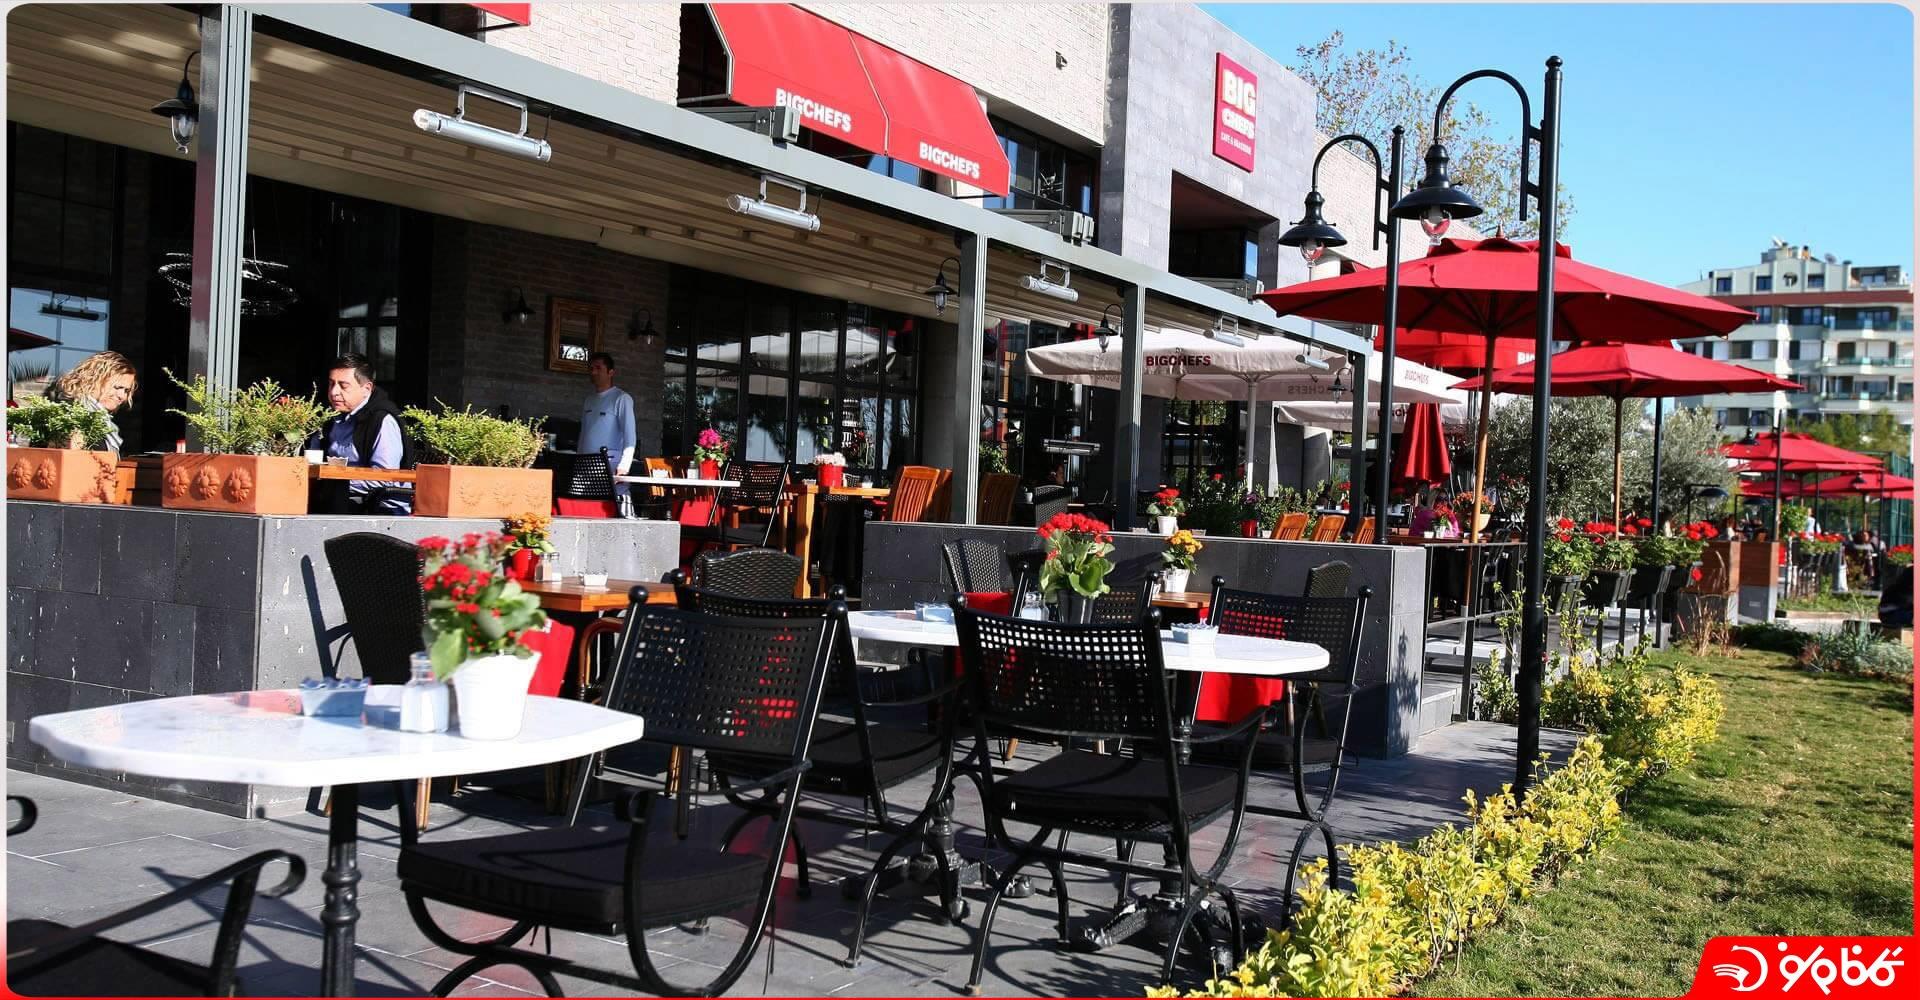 کافه و رستوران بیگ شفز - Big Chefs Café and Restaurant